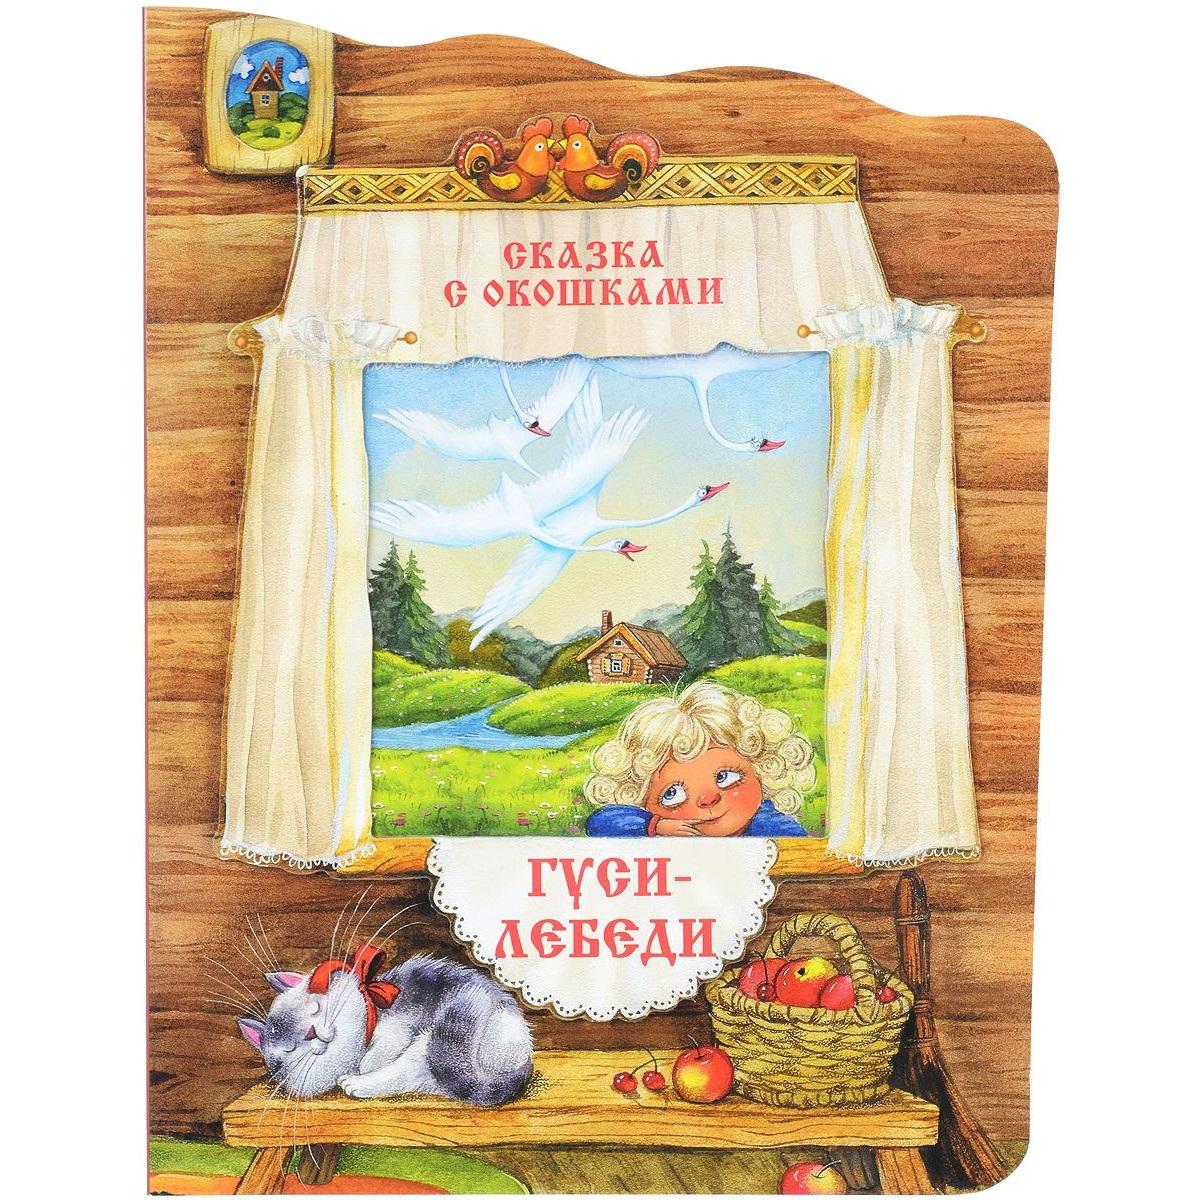 Сказка с окошками - Гуси-лебеди